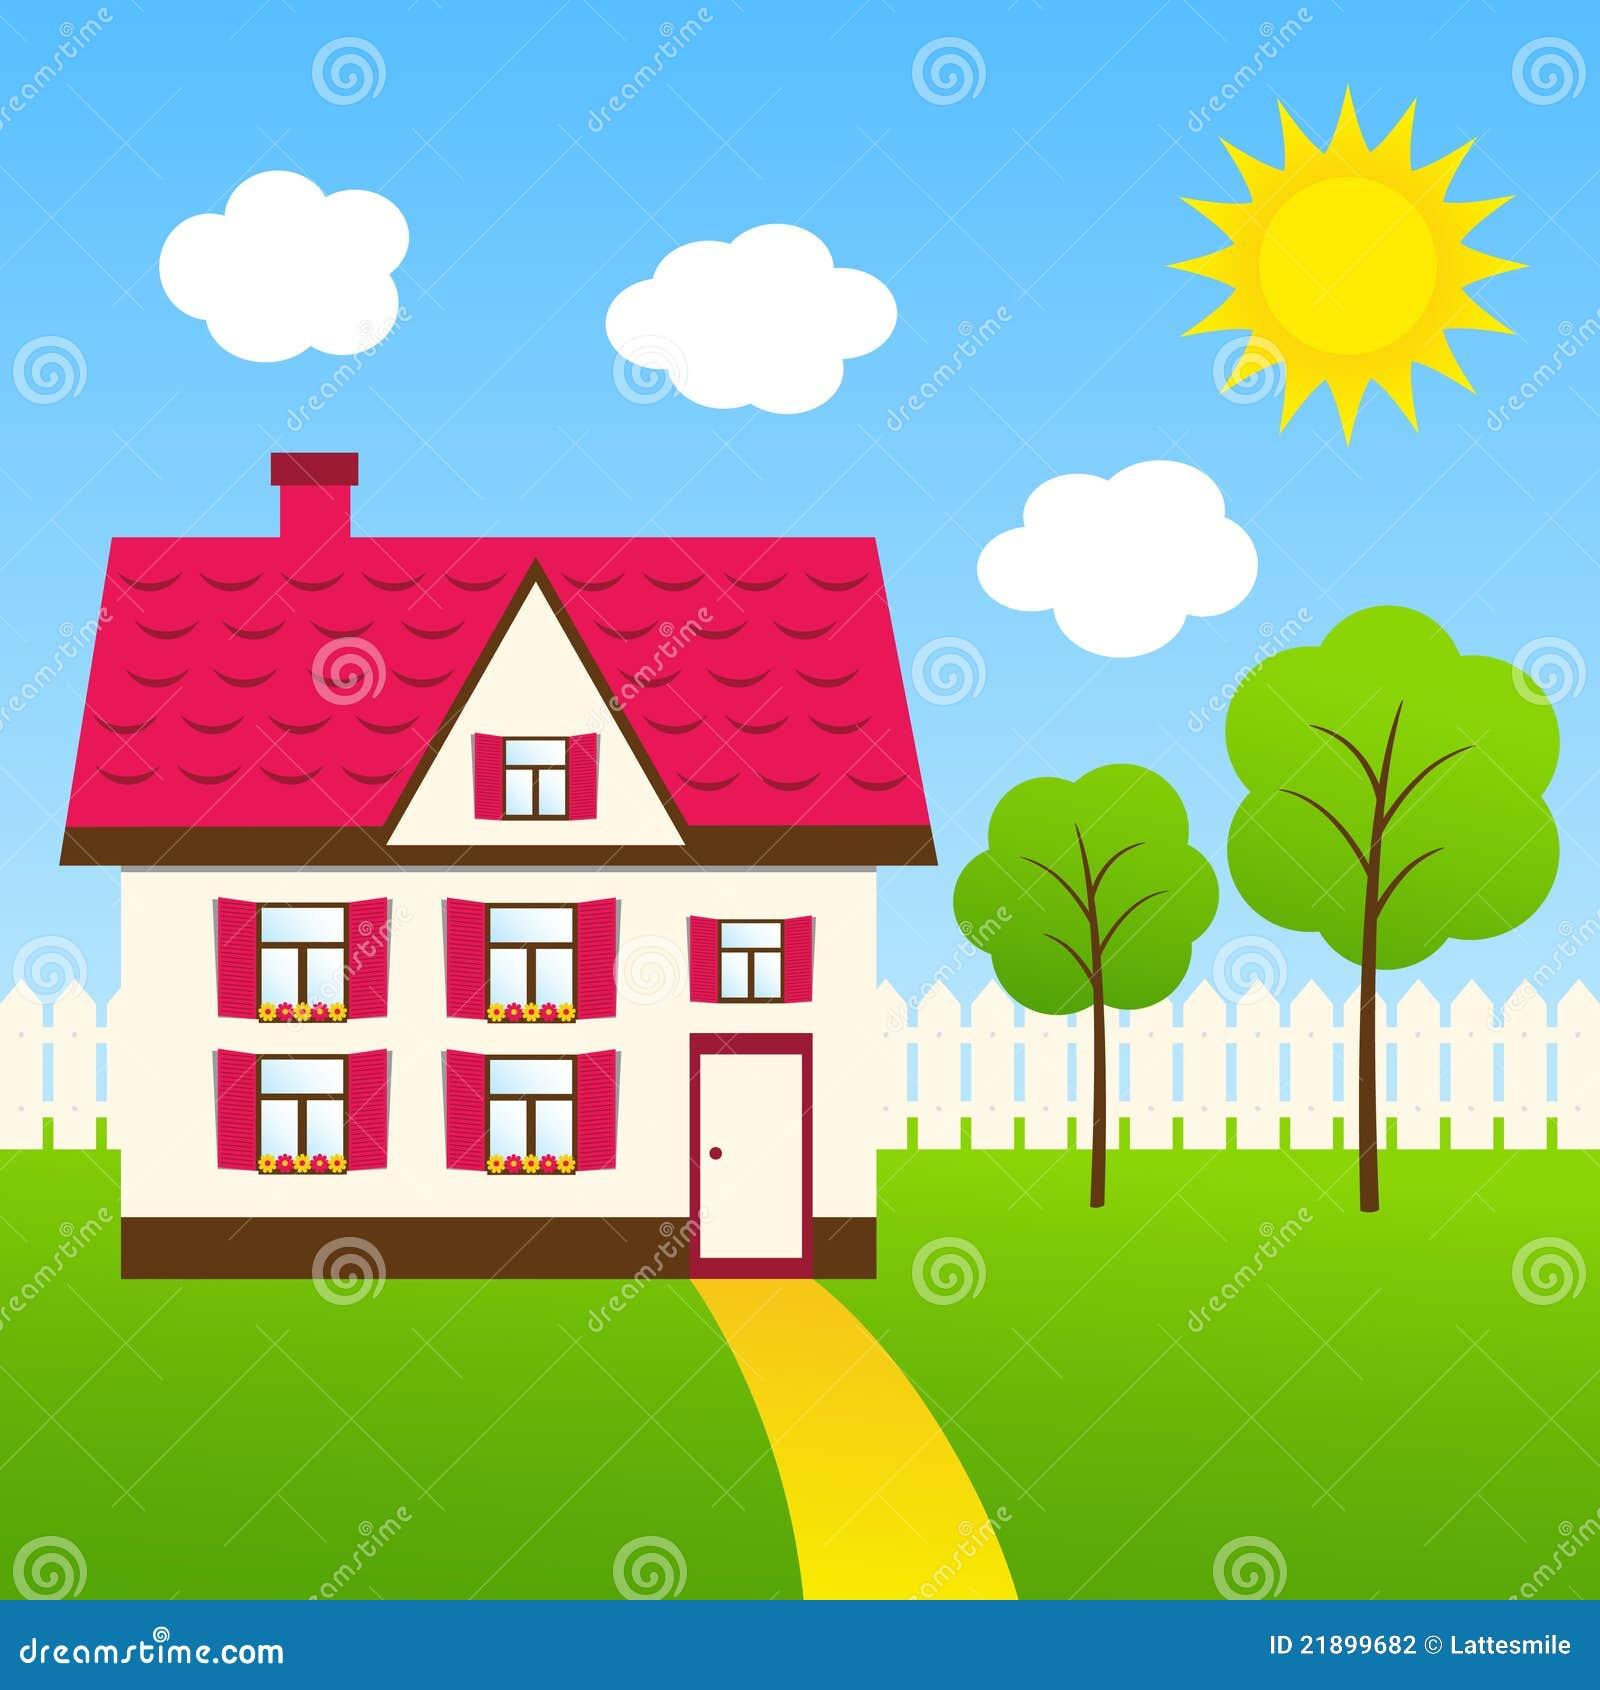 Incroyable Cute House